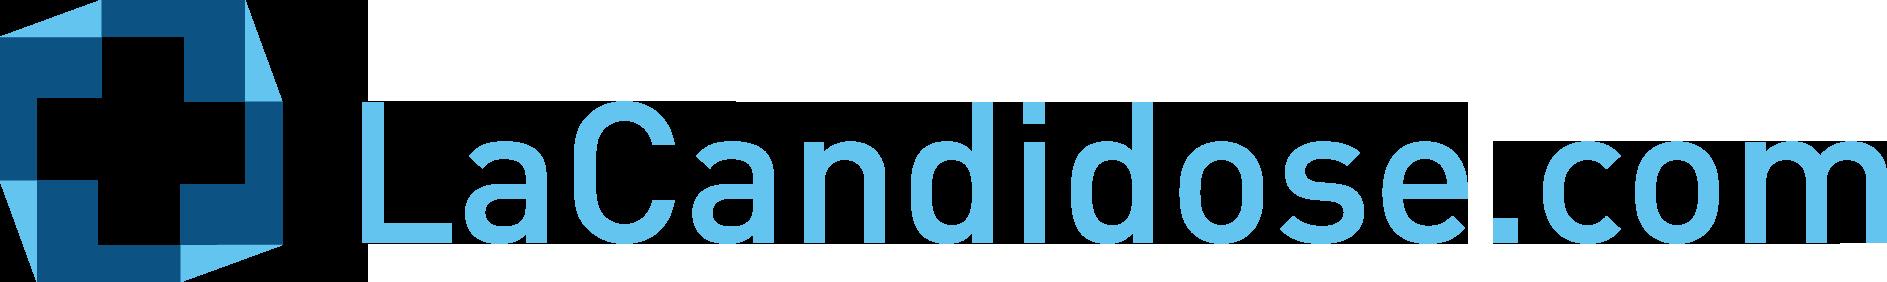 LaCandidose.com